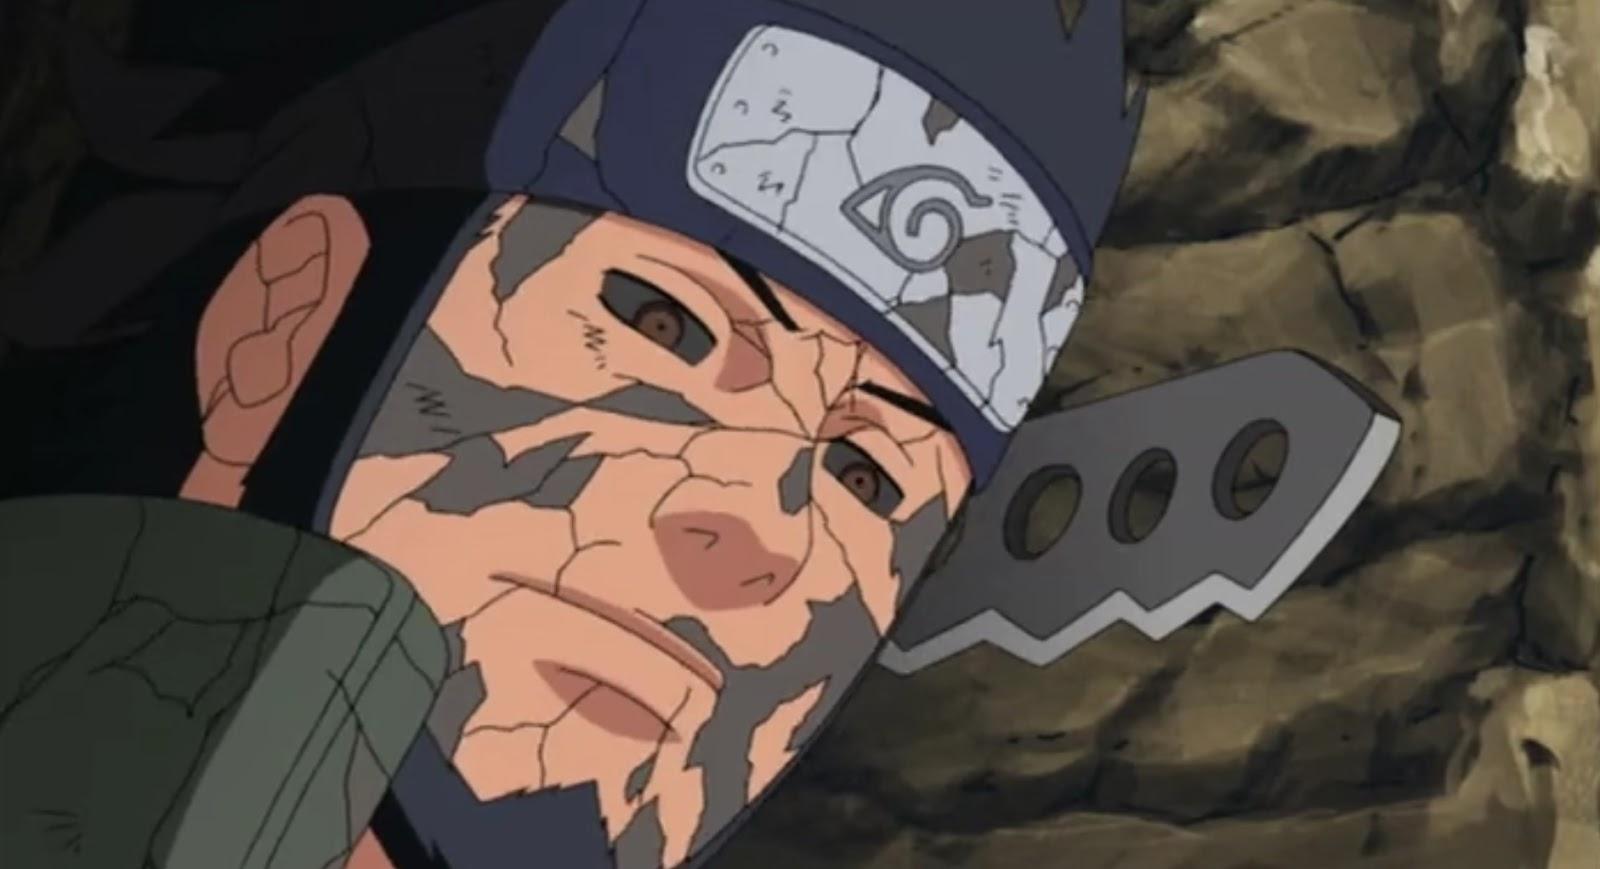 Naruto Shippuden Episódio 274, Assistir Naruto Shippuden Episódio 274, Assistir Naruto Shippuden Todos os Episódios Legendado, Naruto Shippuden episódio 274,HD